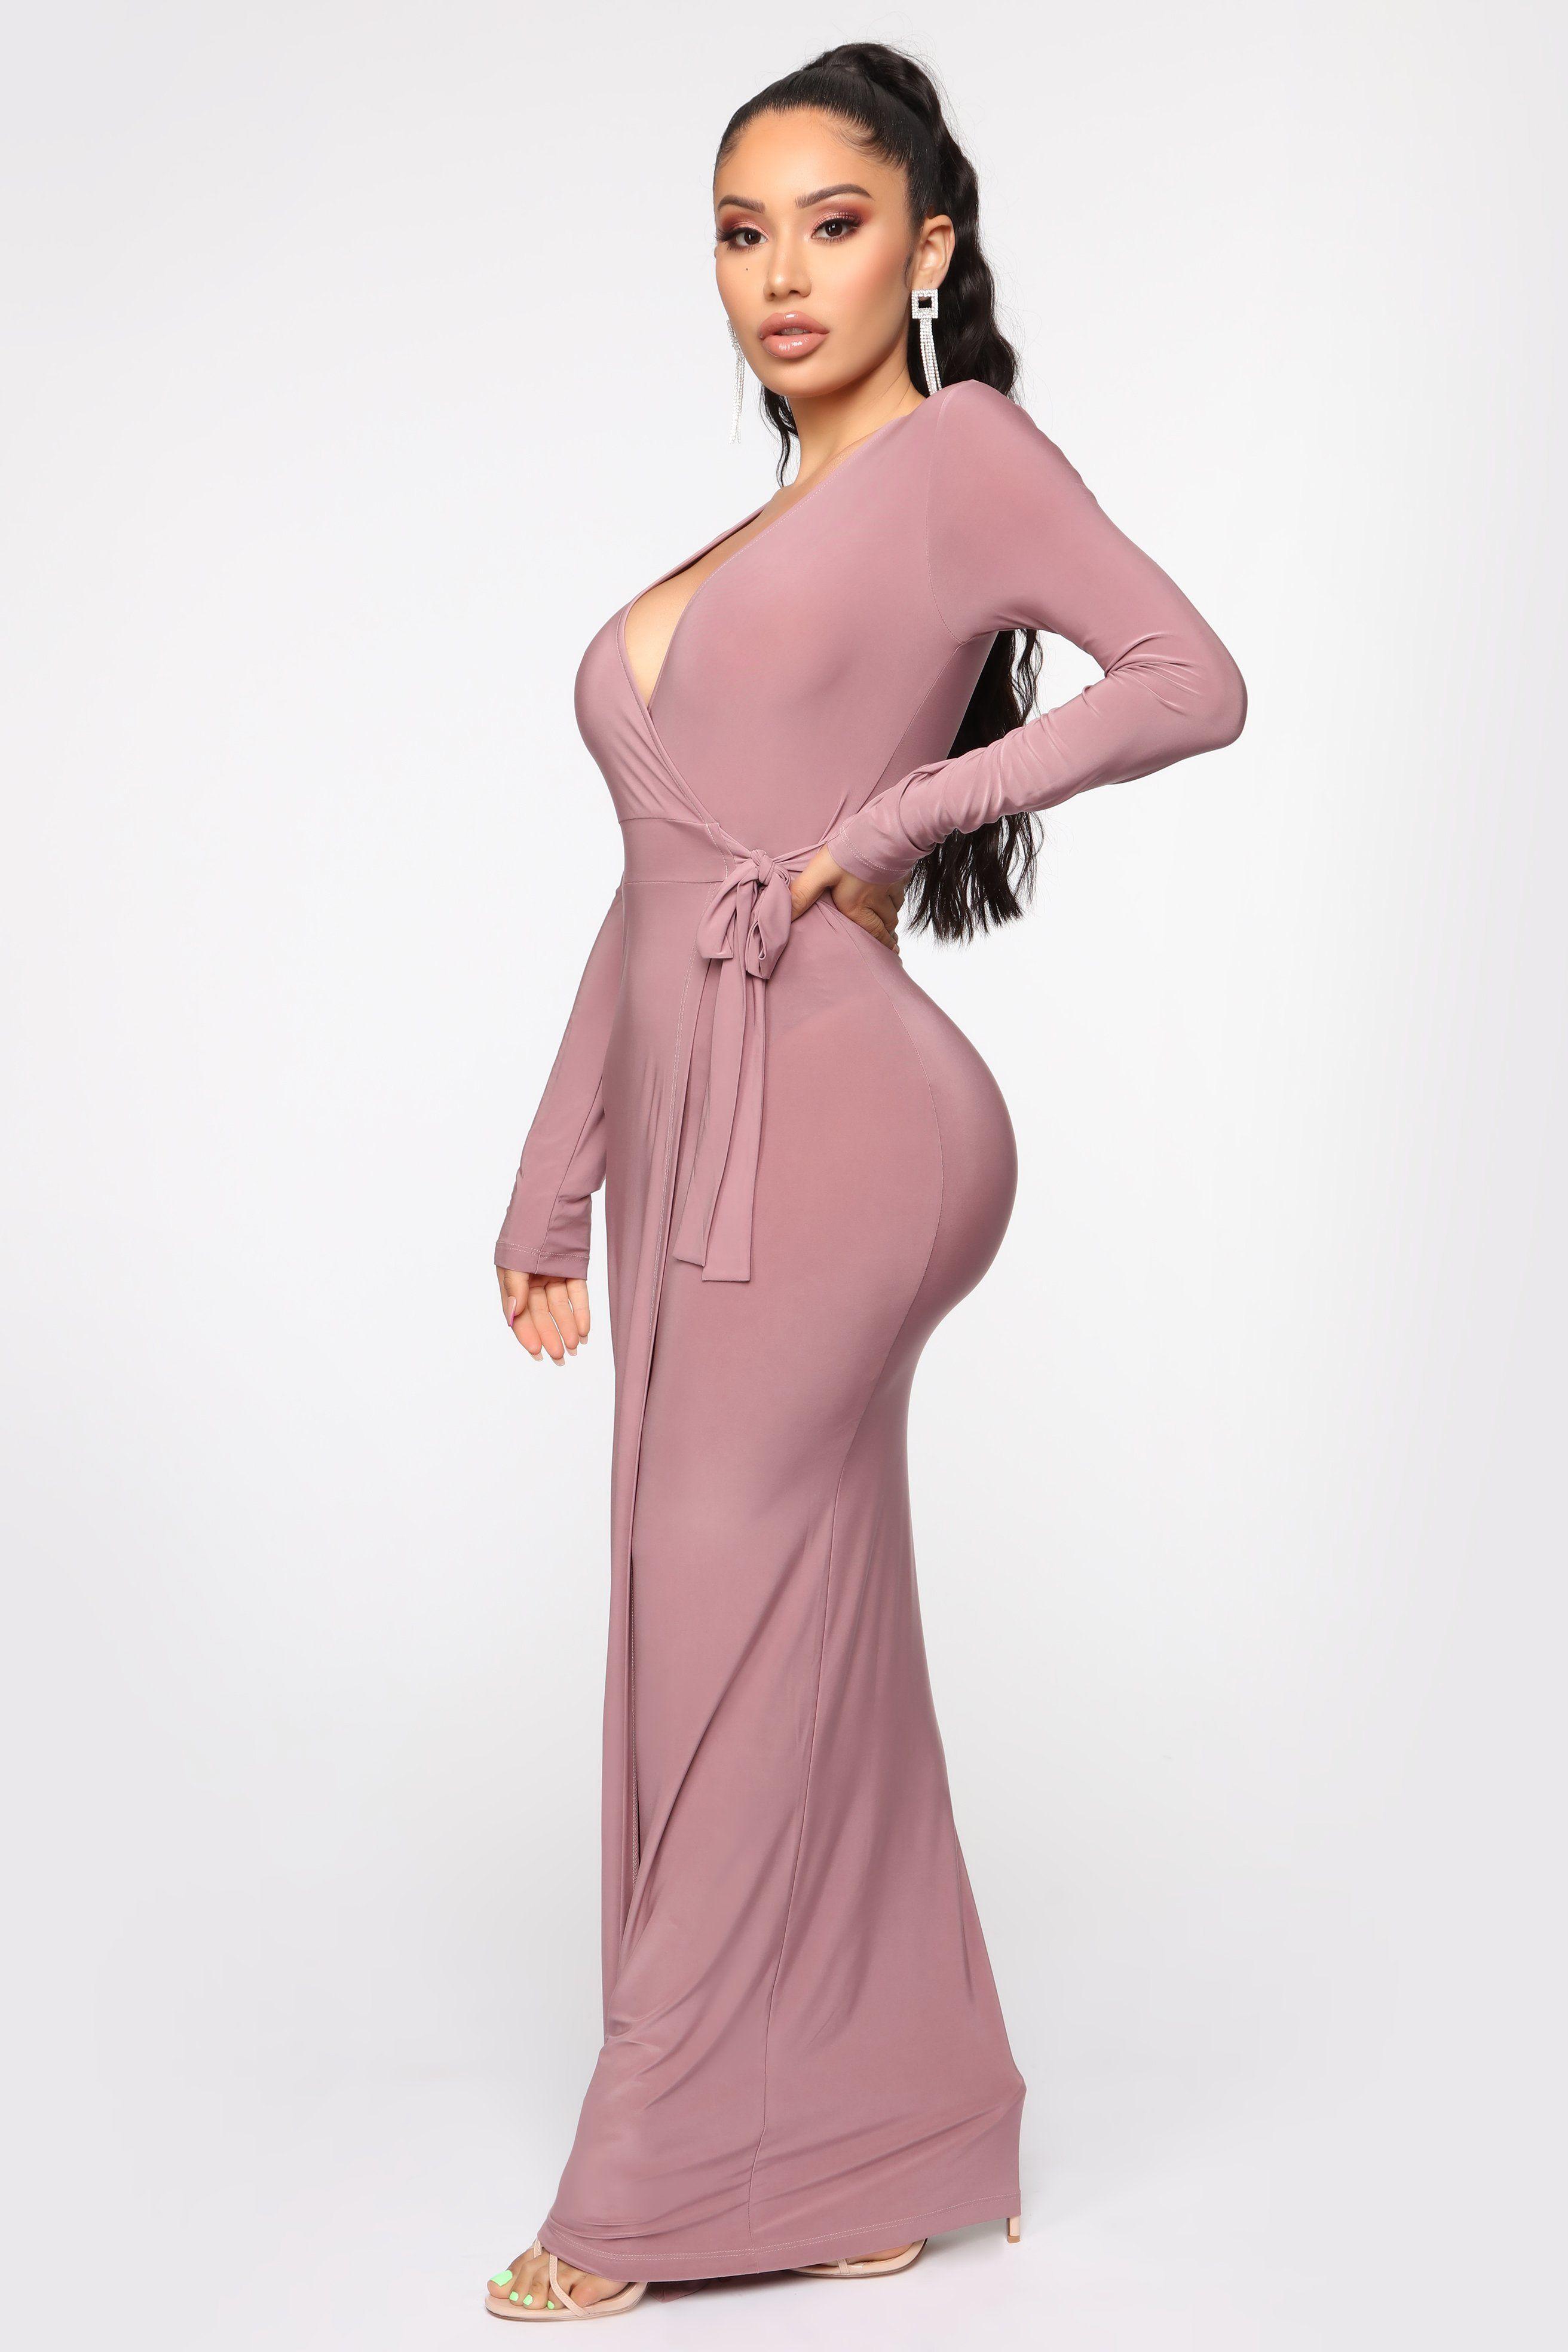 Womens Vivi Maxi Wrap Dress In Mauve Size 3x By Fashion Nova In 2021 Wrap Dress Mauve Dress Shop Maxi Dresses [ 3936 x 2624 Pixel ]